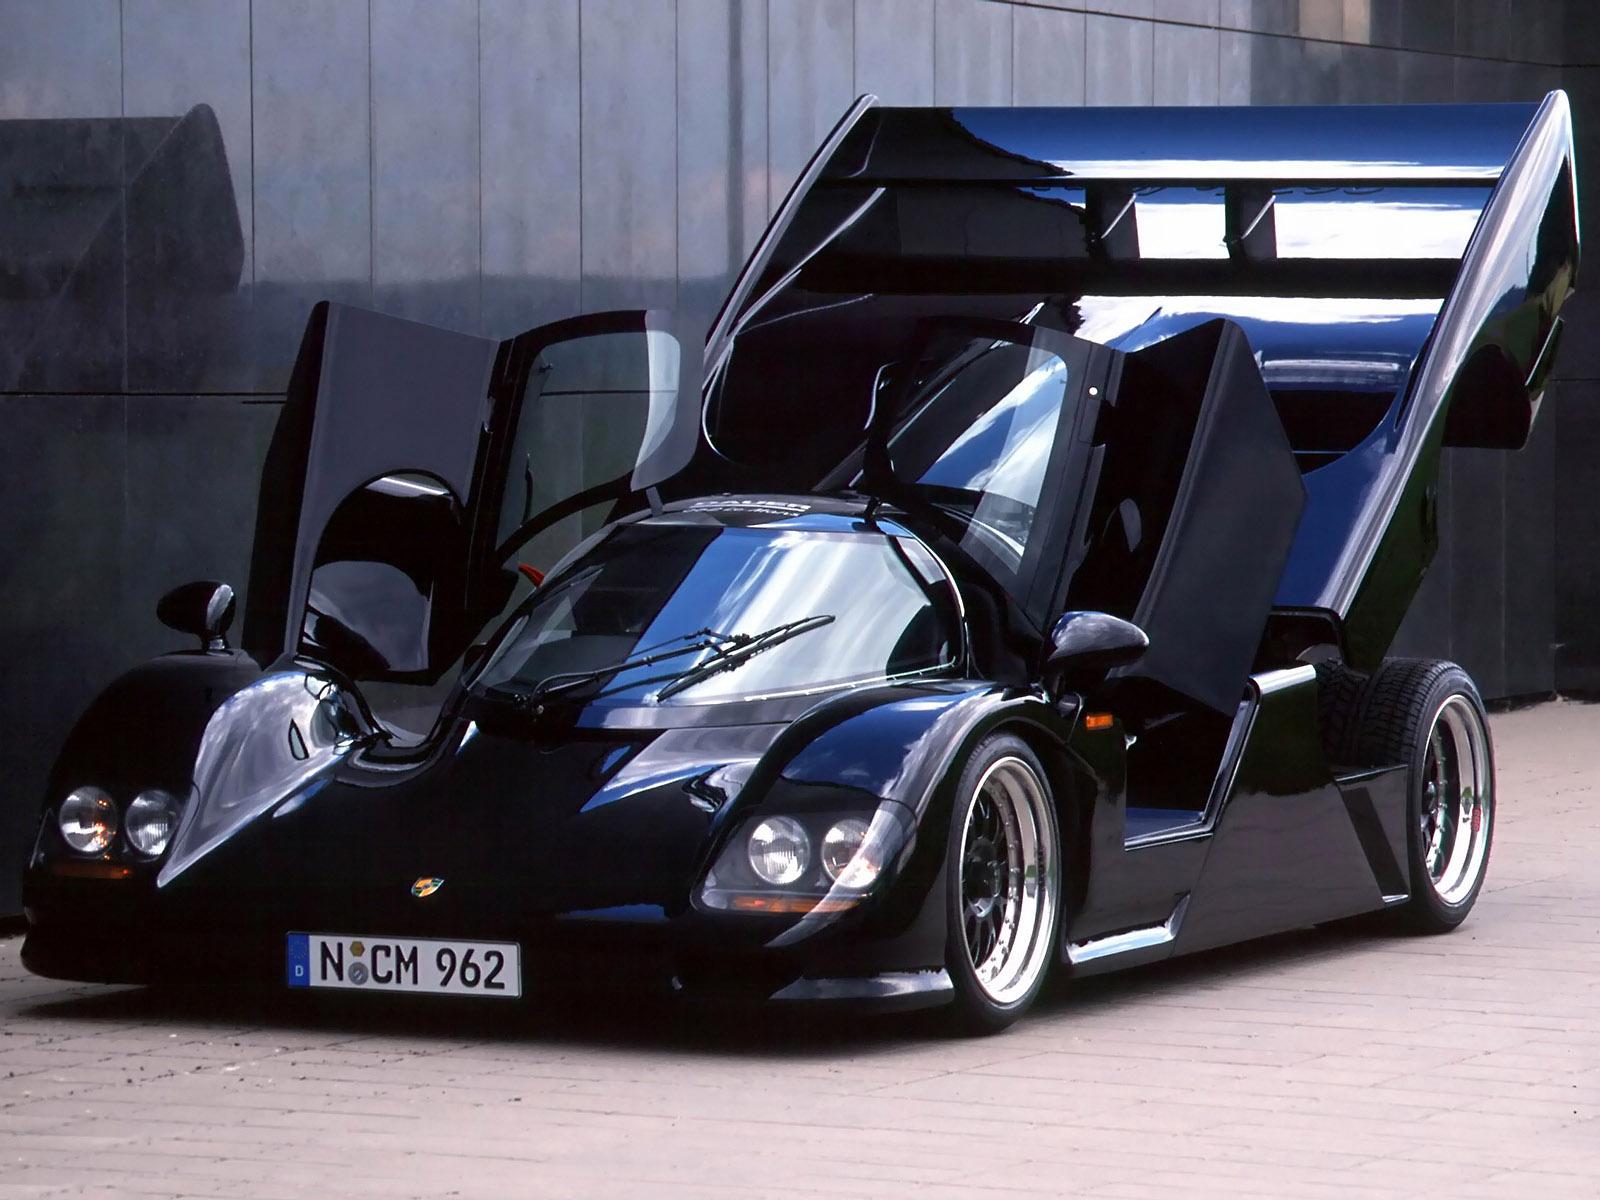 1994 Dauer 962 Le Mans Porsche Supercars Net